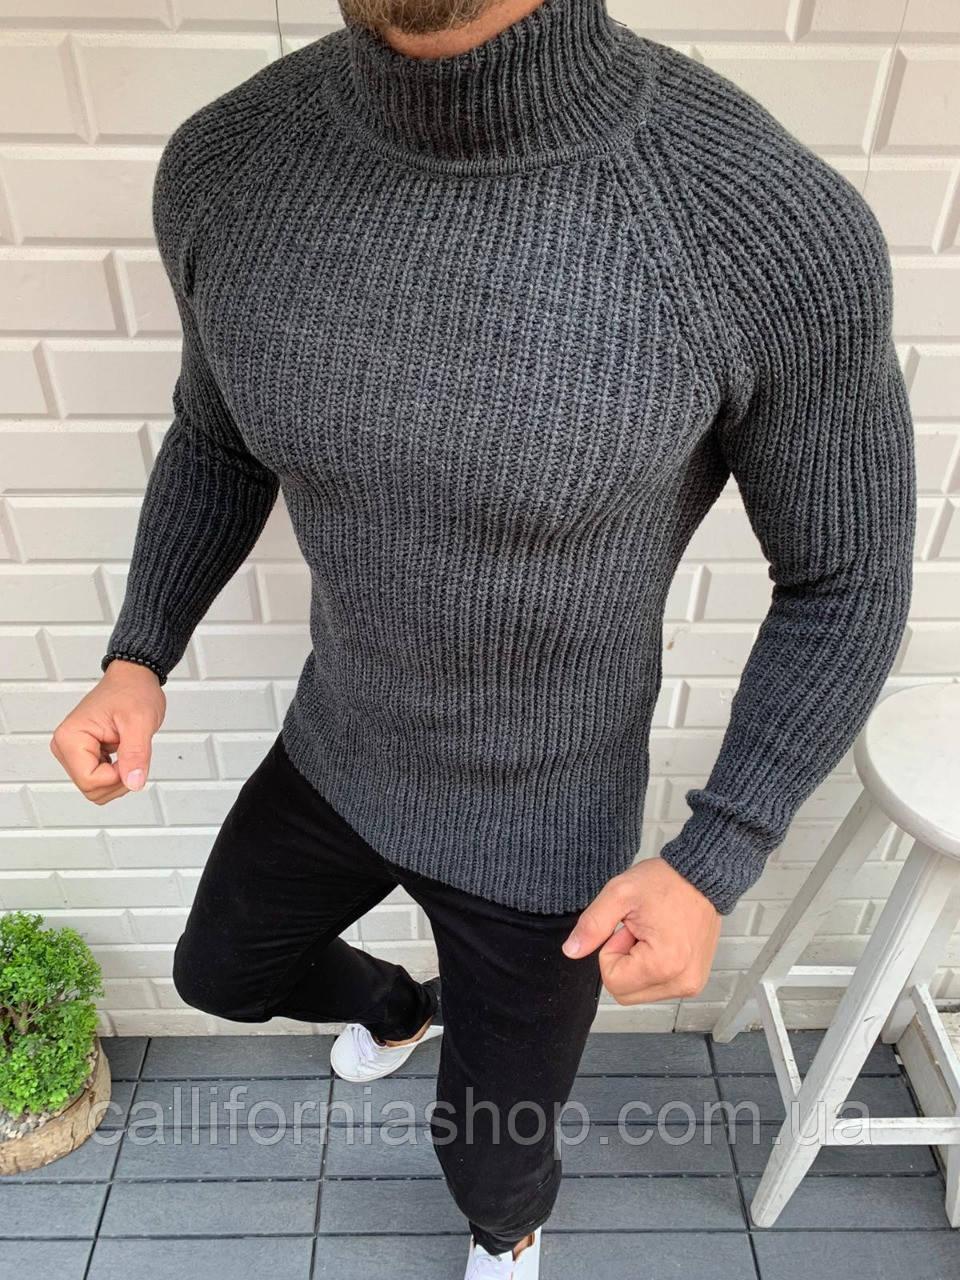 Мужской свитер темно-серый теплый с горлом Турция